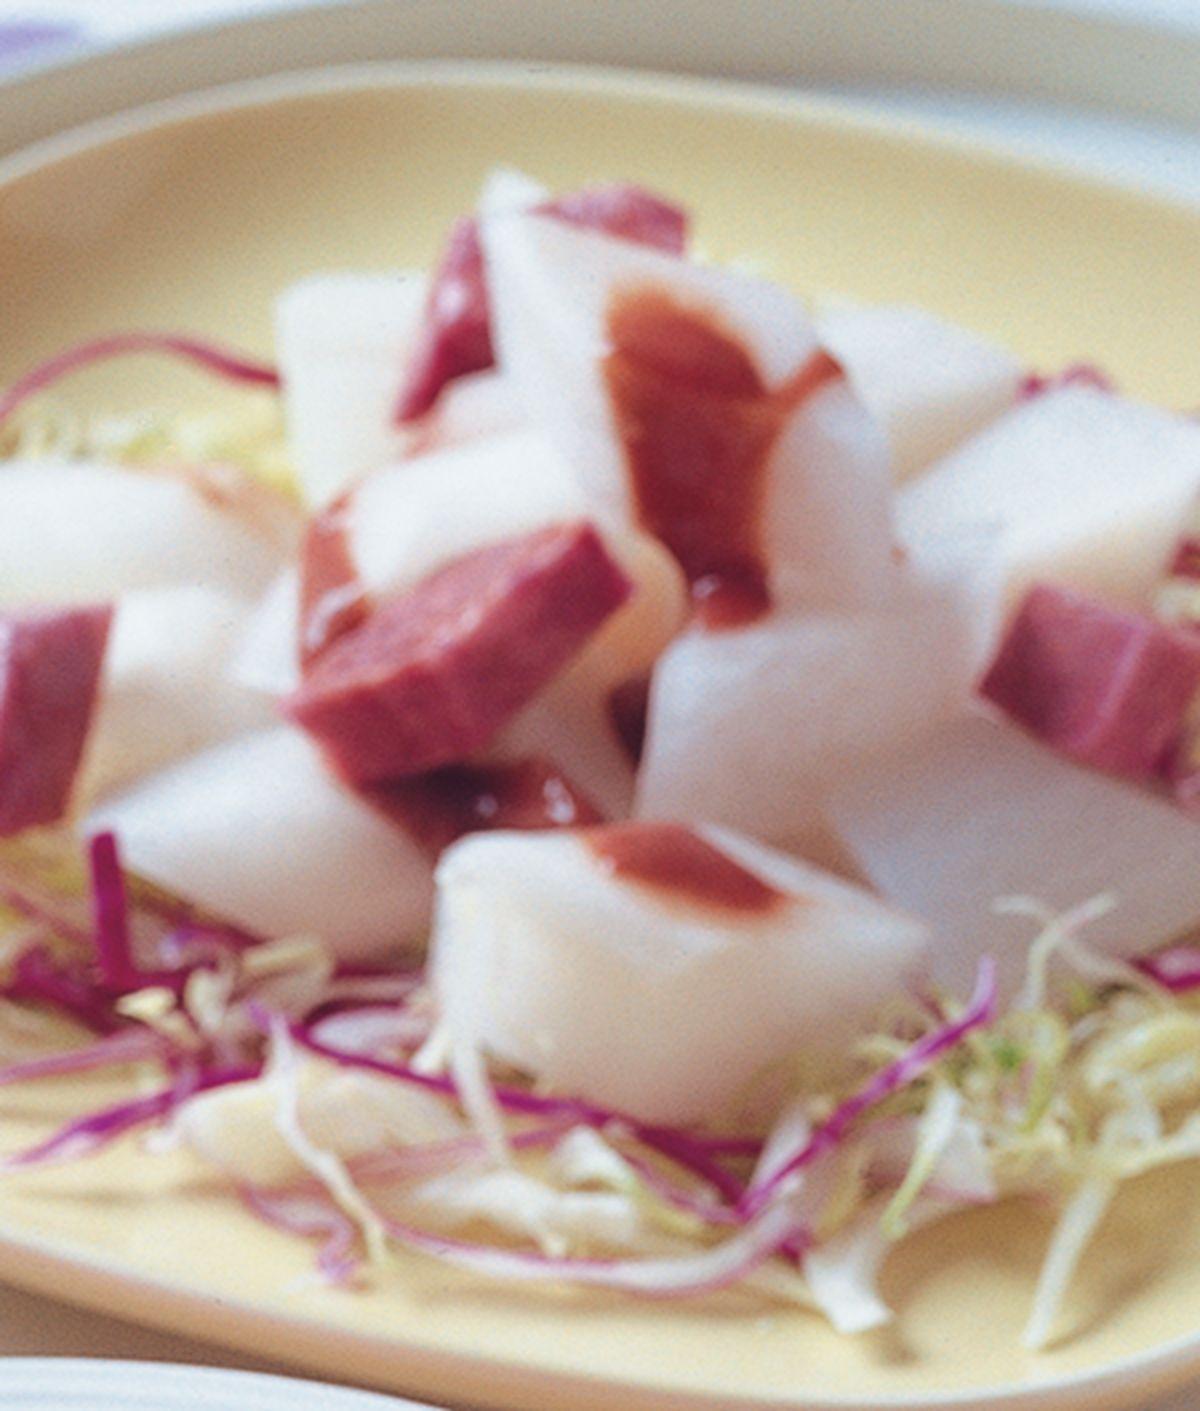 食譜:紫山藥蘿蔔沙拉